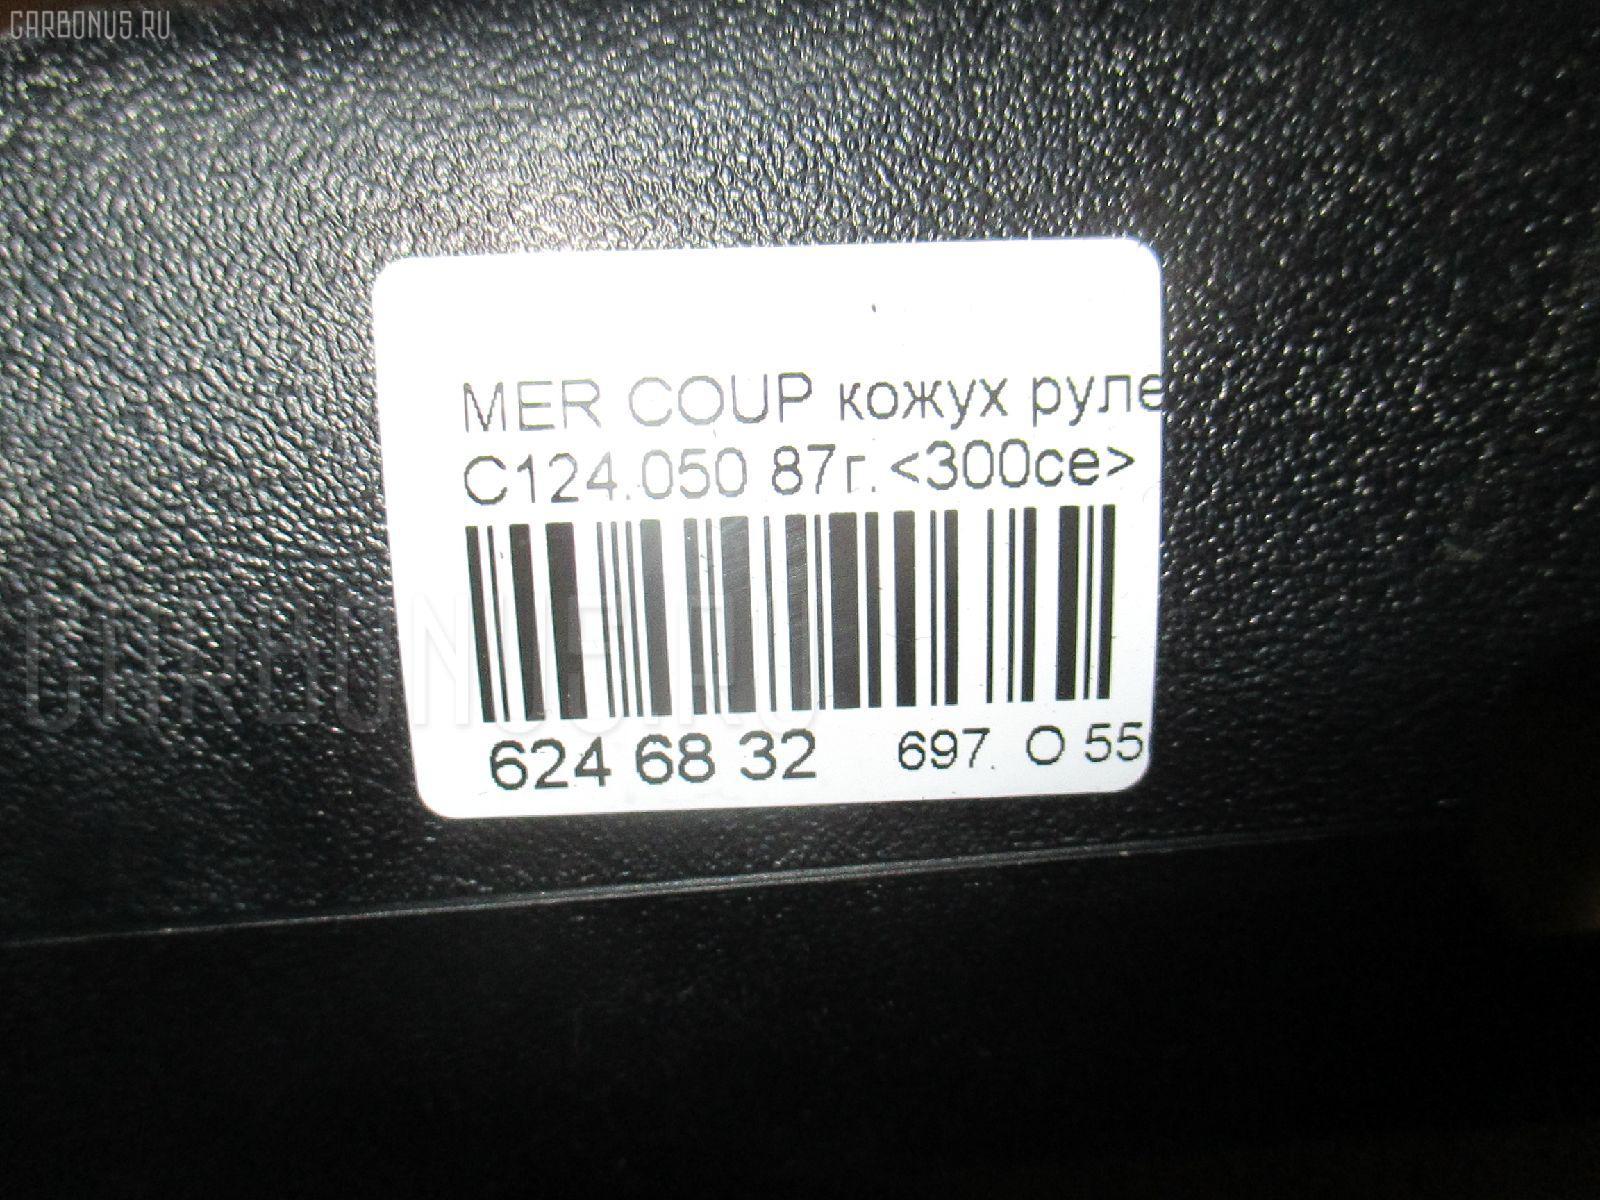 Кожух рулевой колонки MERCEDES-BENZ COUPE C124.050 Фото 9